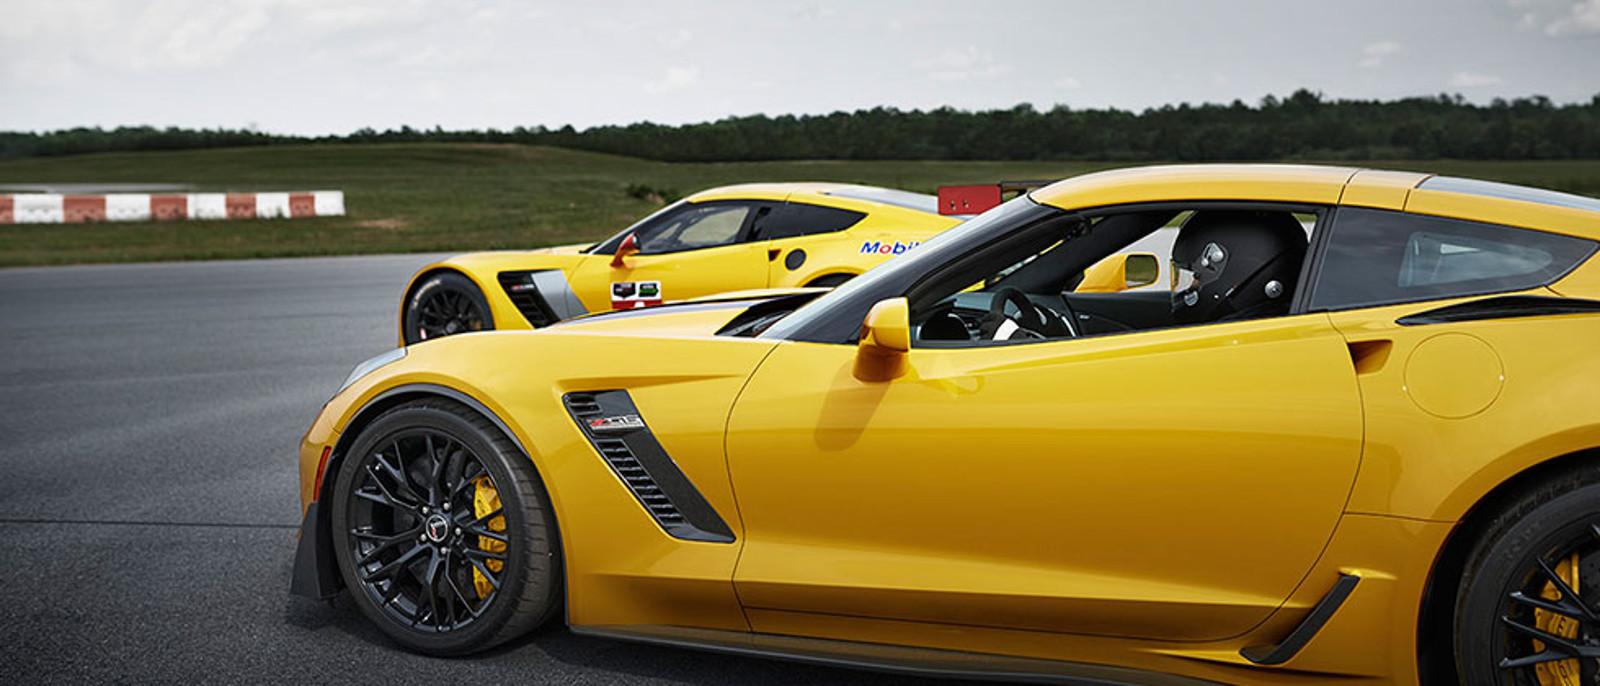 2015 Chevrolet Corvette Z06 Racing on Track